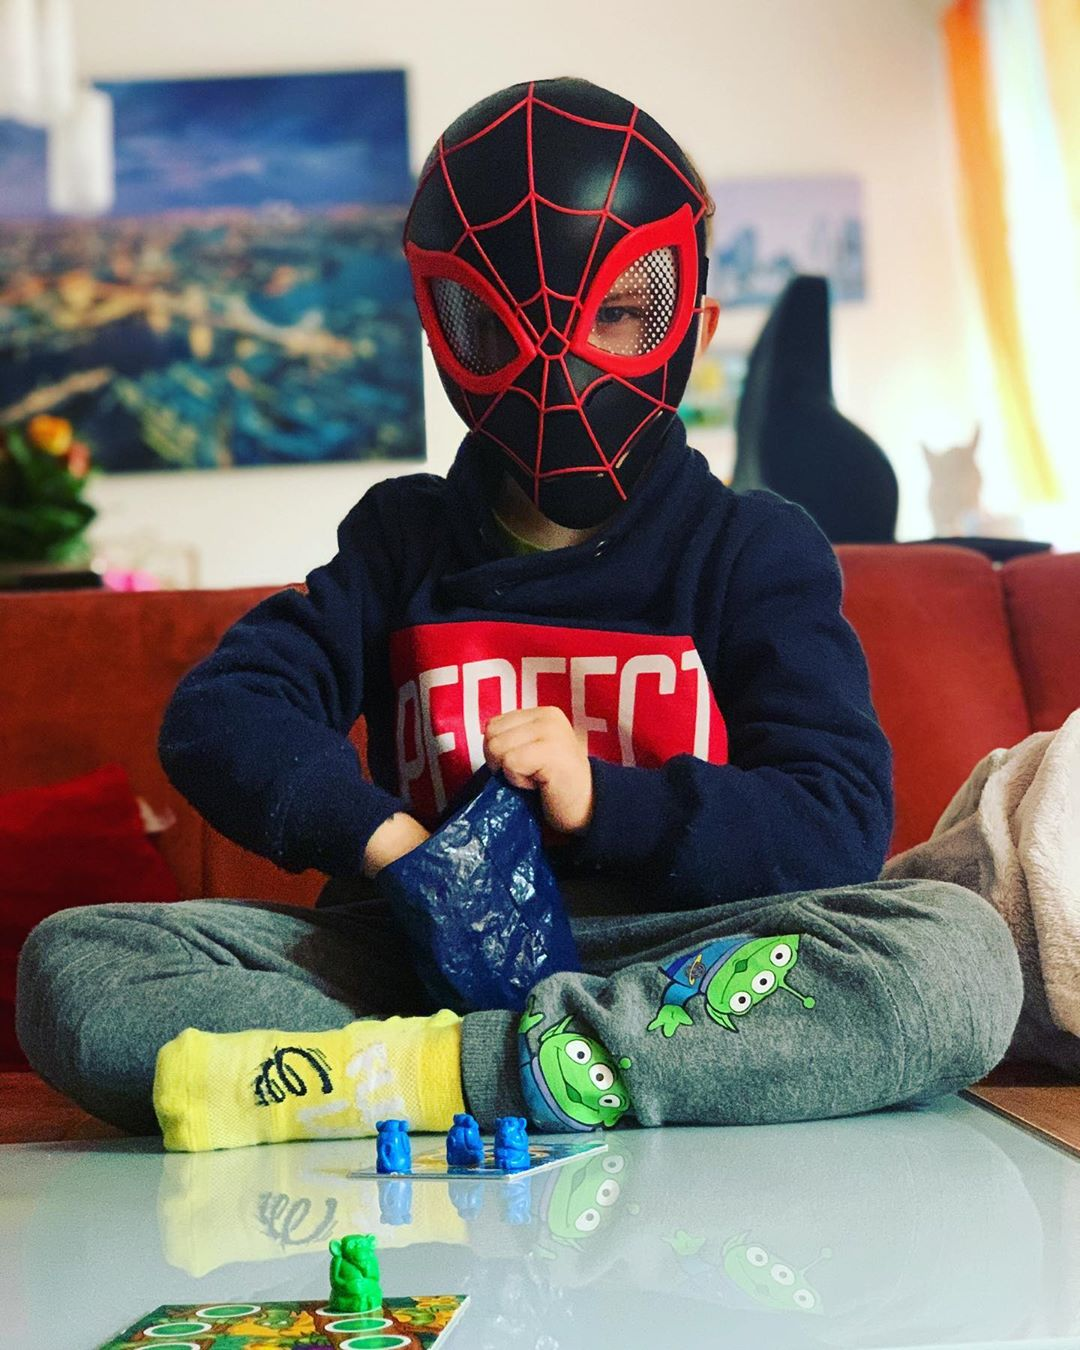 Mit ner Runde #Affenbande gegen Spider-Man ins #Wochenende starten kann auch einiges 🤣 @ravensburgerglobal #kinderbeschäftigung